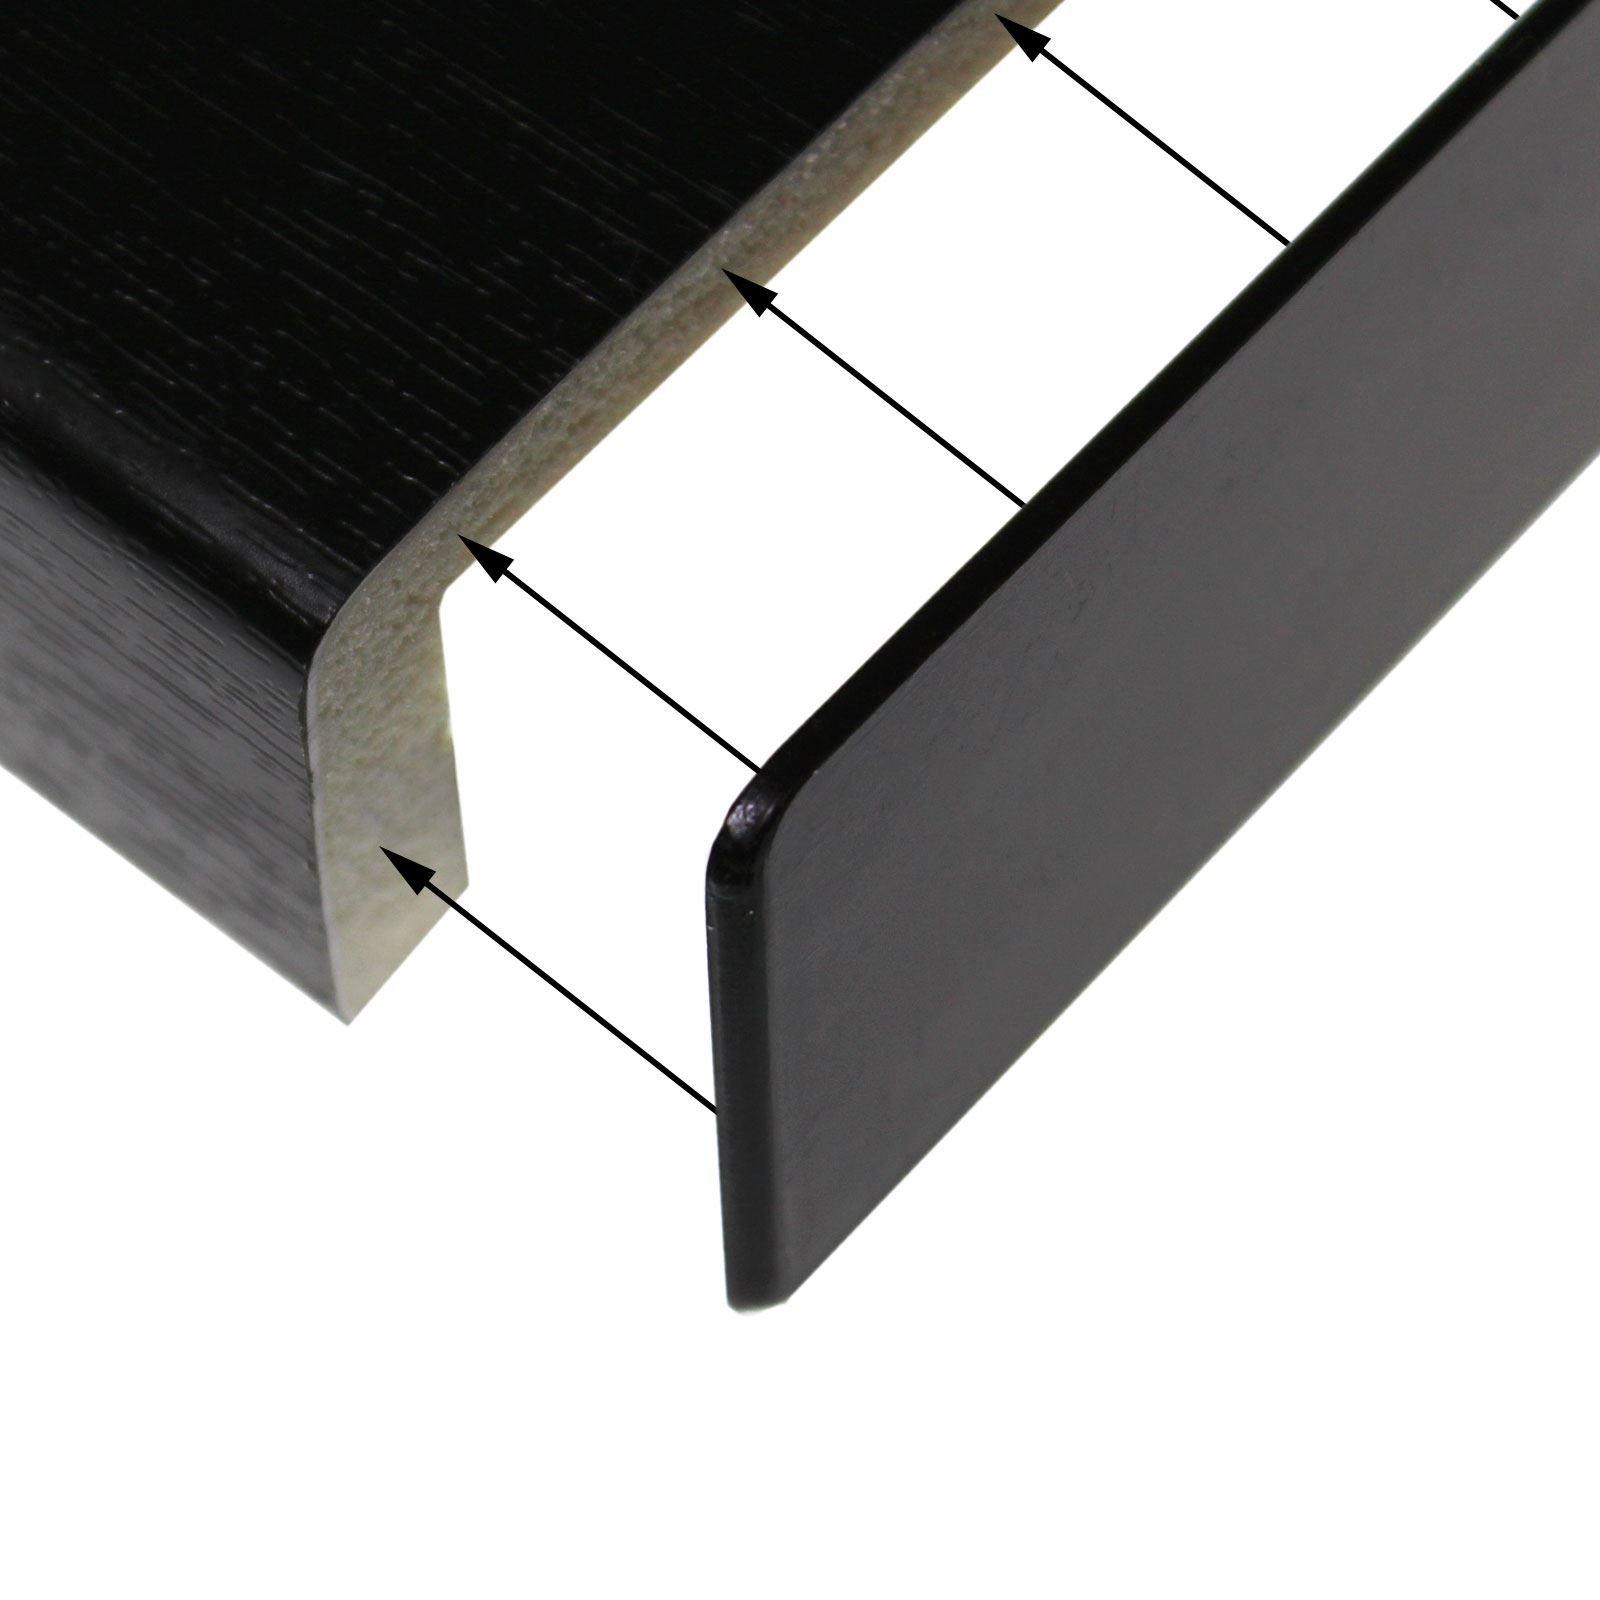 Innovo 2.5 Metre 175mm Wide Black Ash Plastic PVC UPVC Window Cill Sill Facia Board